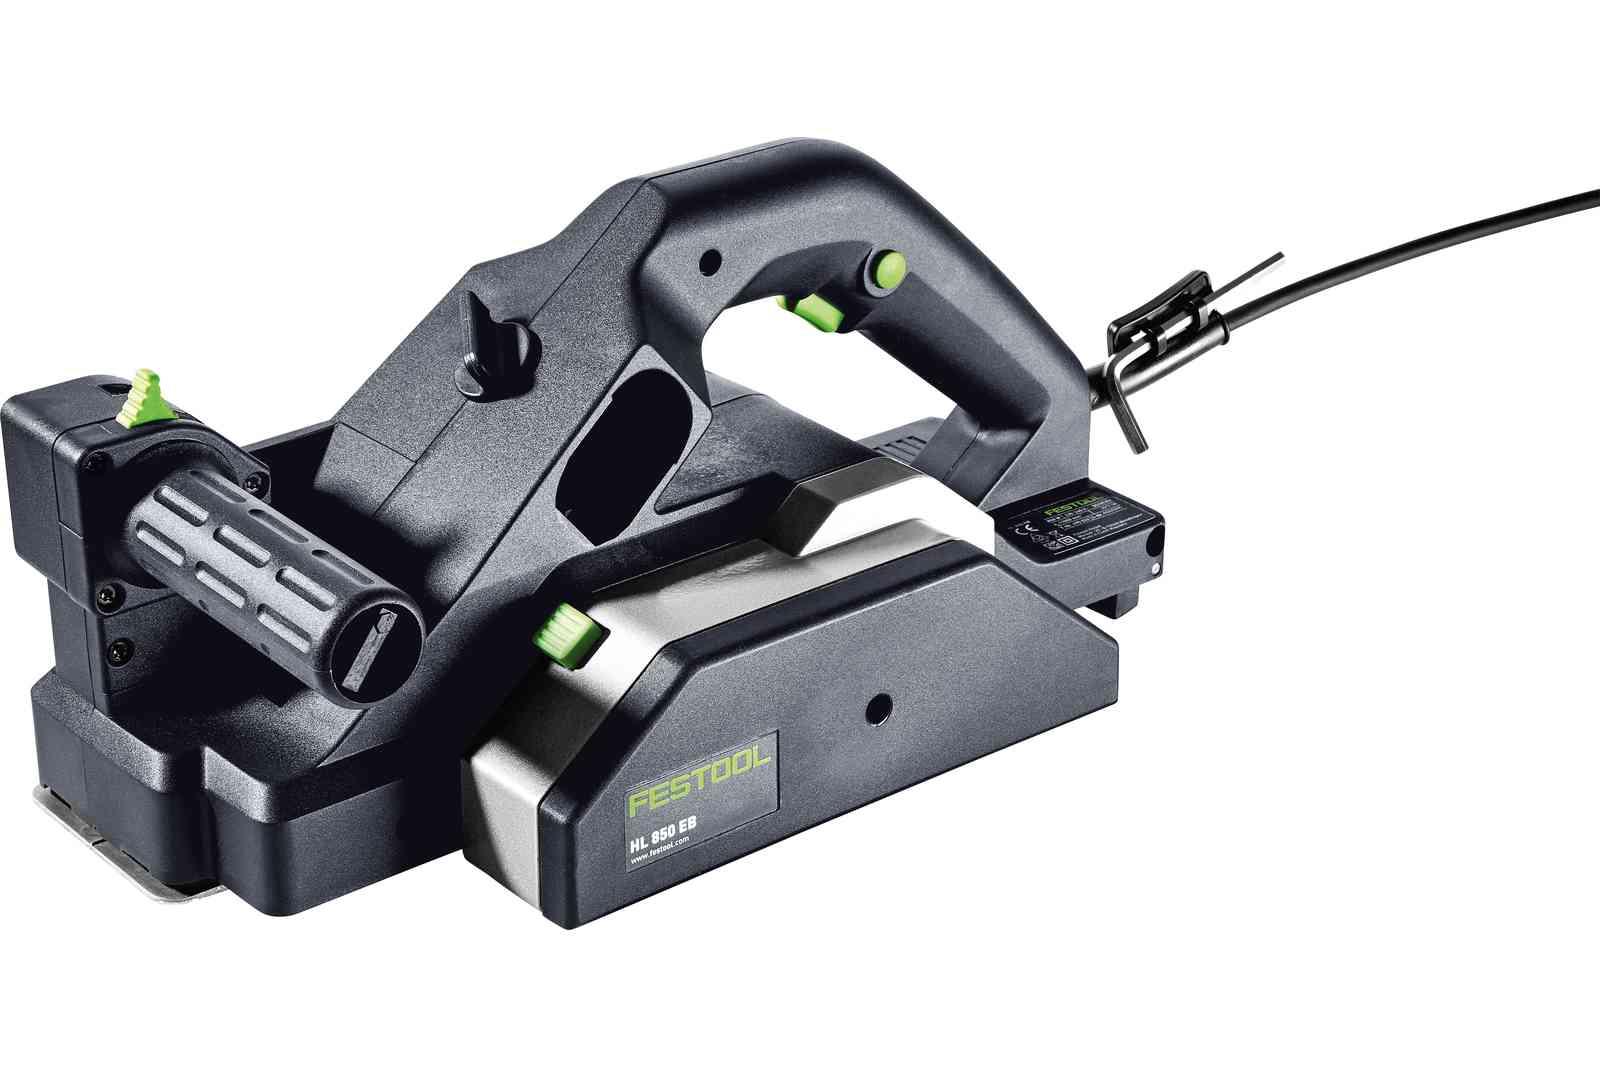 Festool Rabot HL 850 EB-Plus hl850eb-plus 574550 Systainer